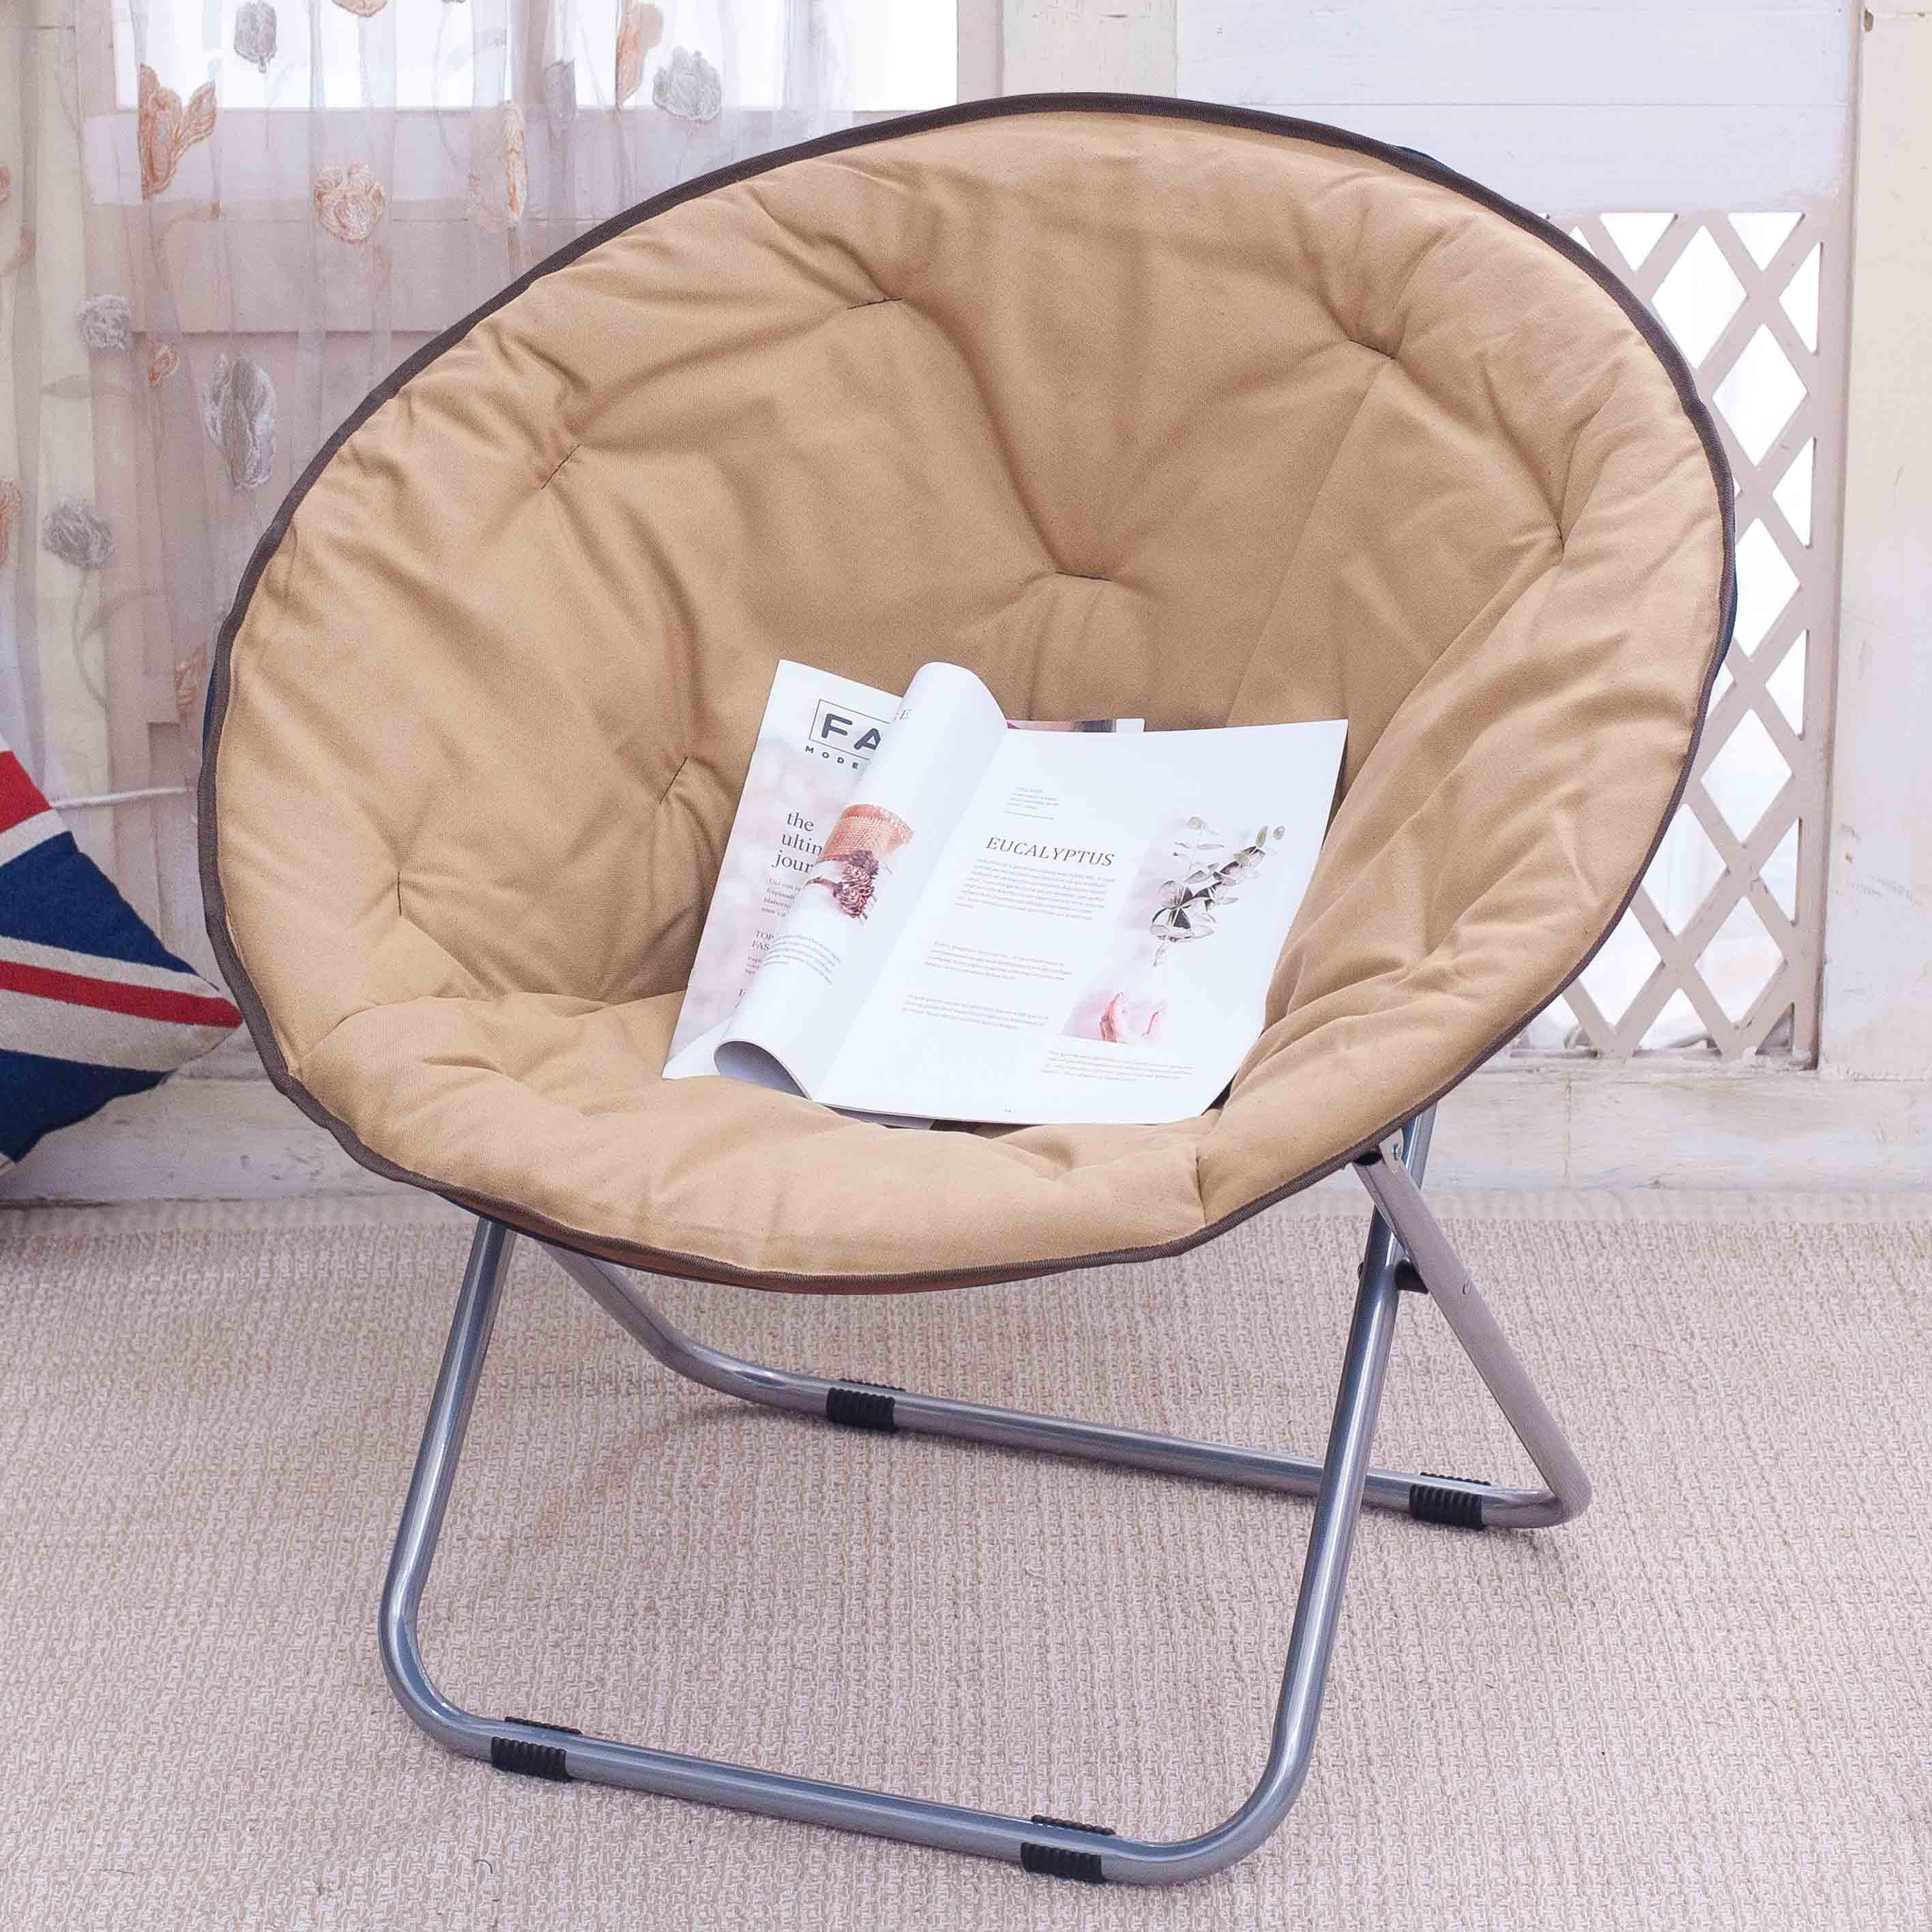 Folding Chair Moon Chair Lazy Chair Sun Lounger Radar Chair Recliner Lunch Break Chair Simple Leisure Chair